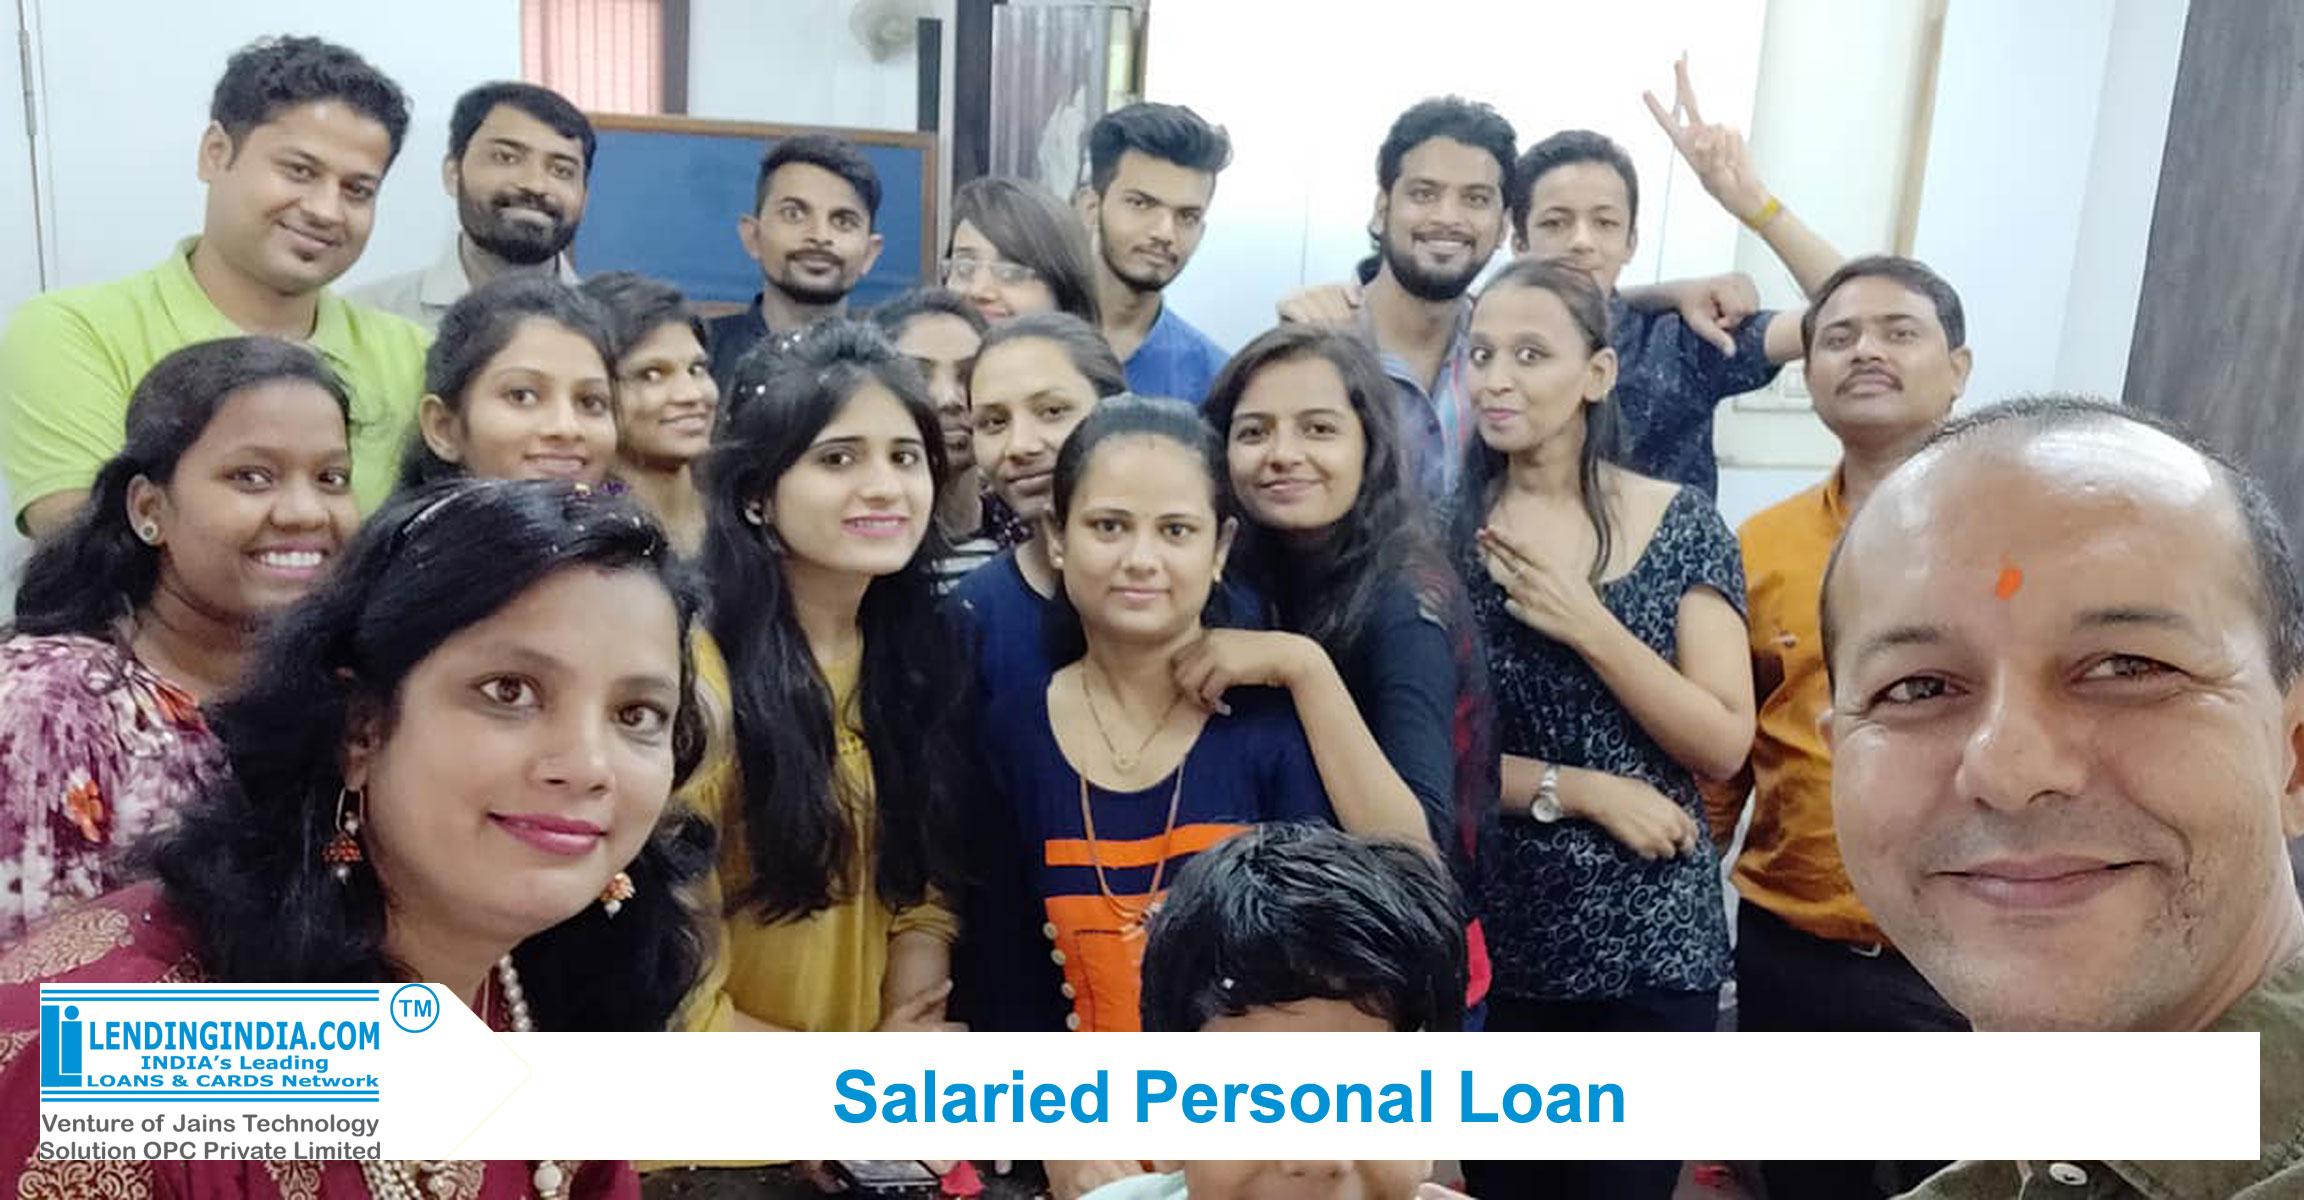 lending india salaried personal loan